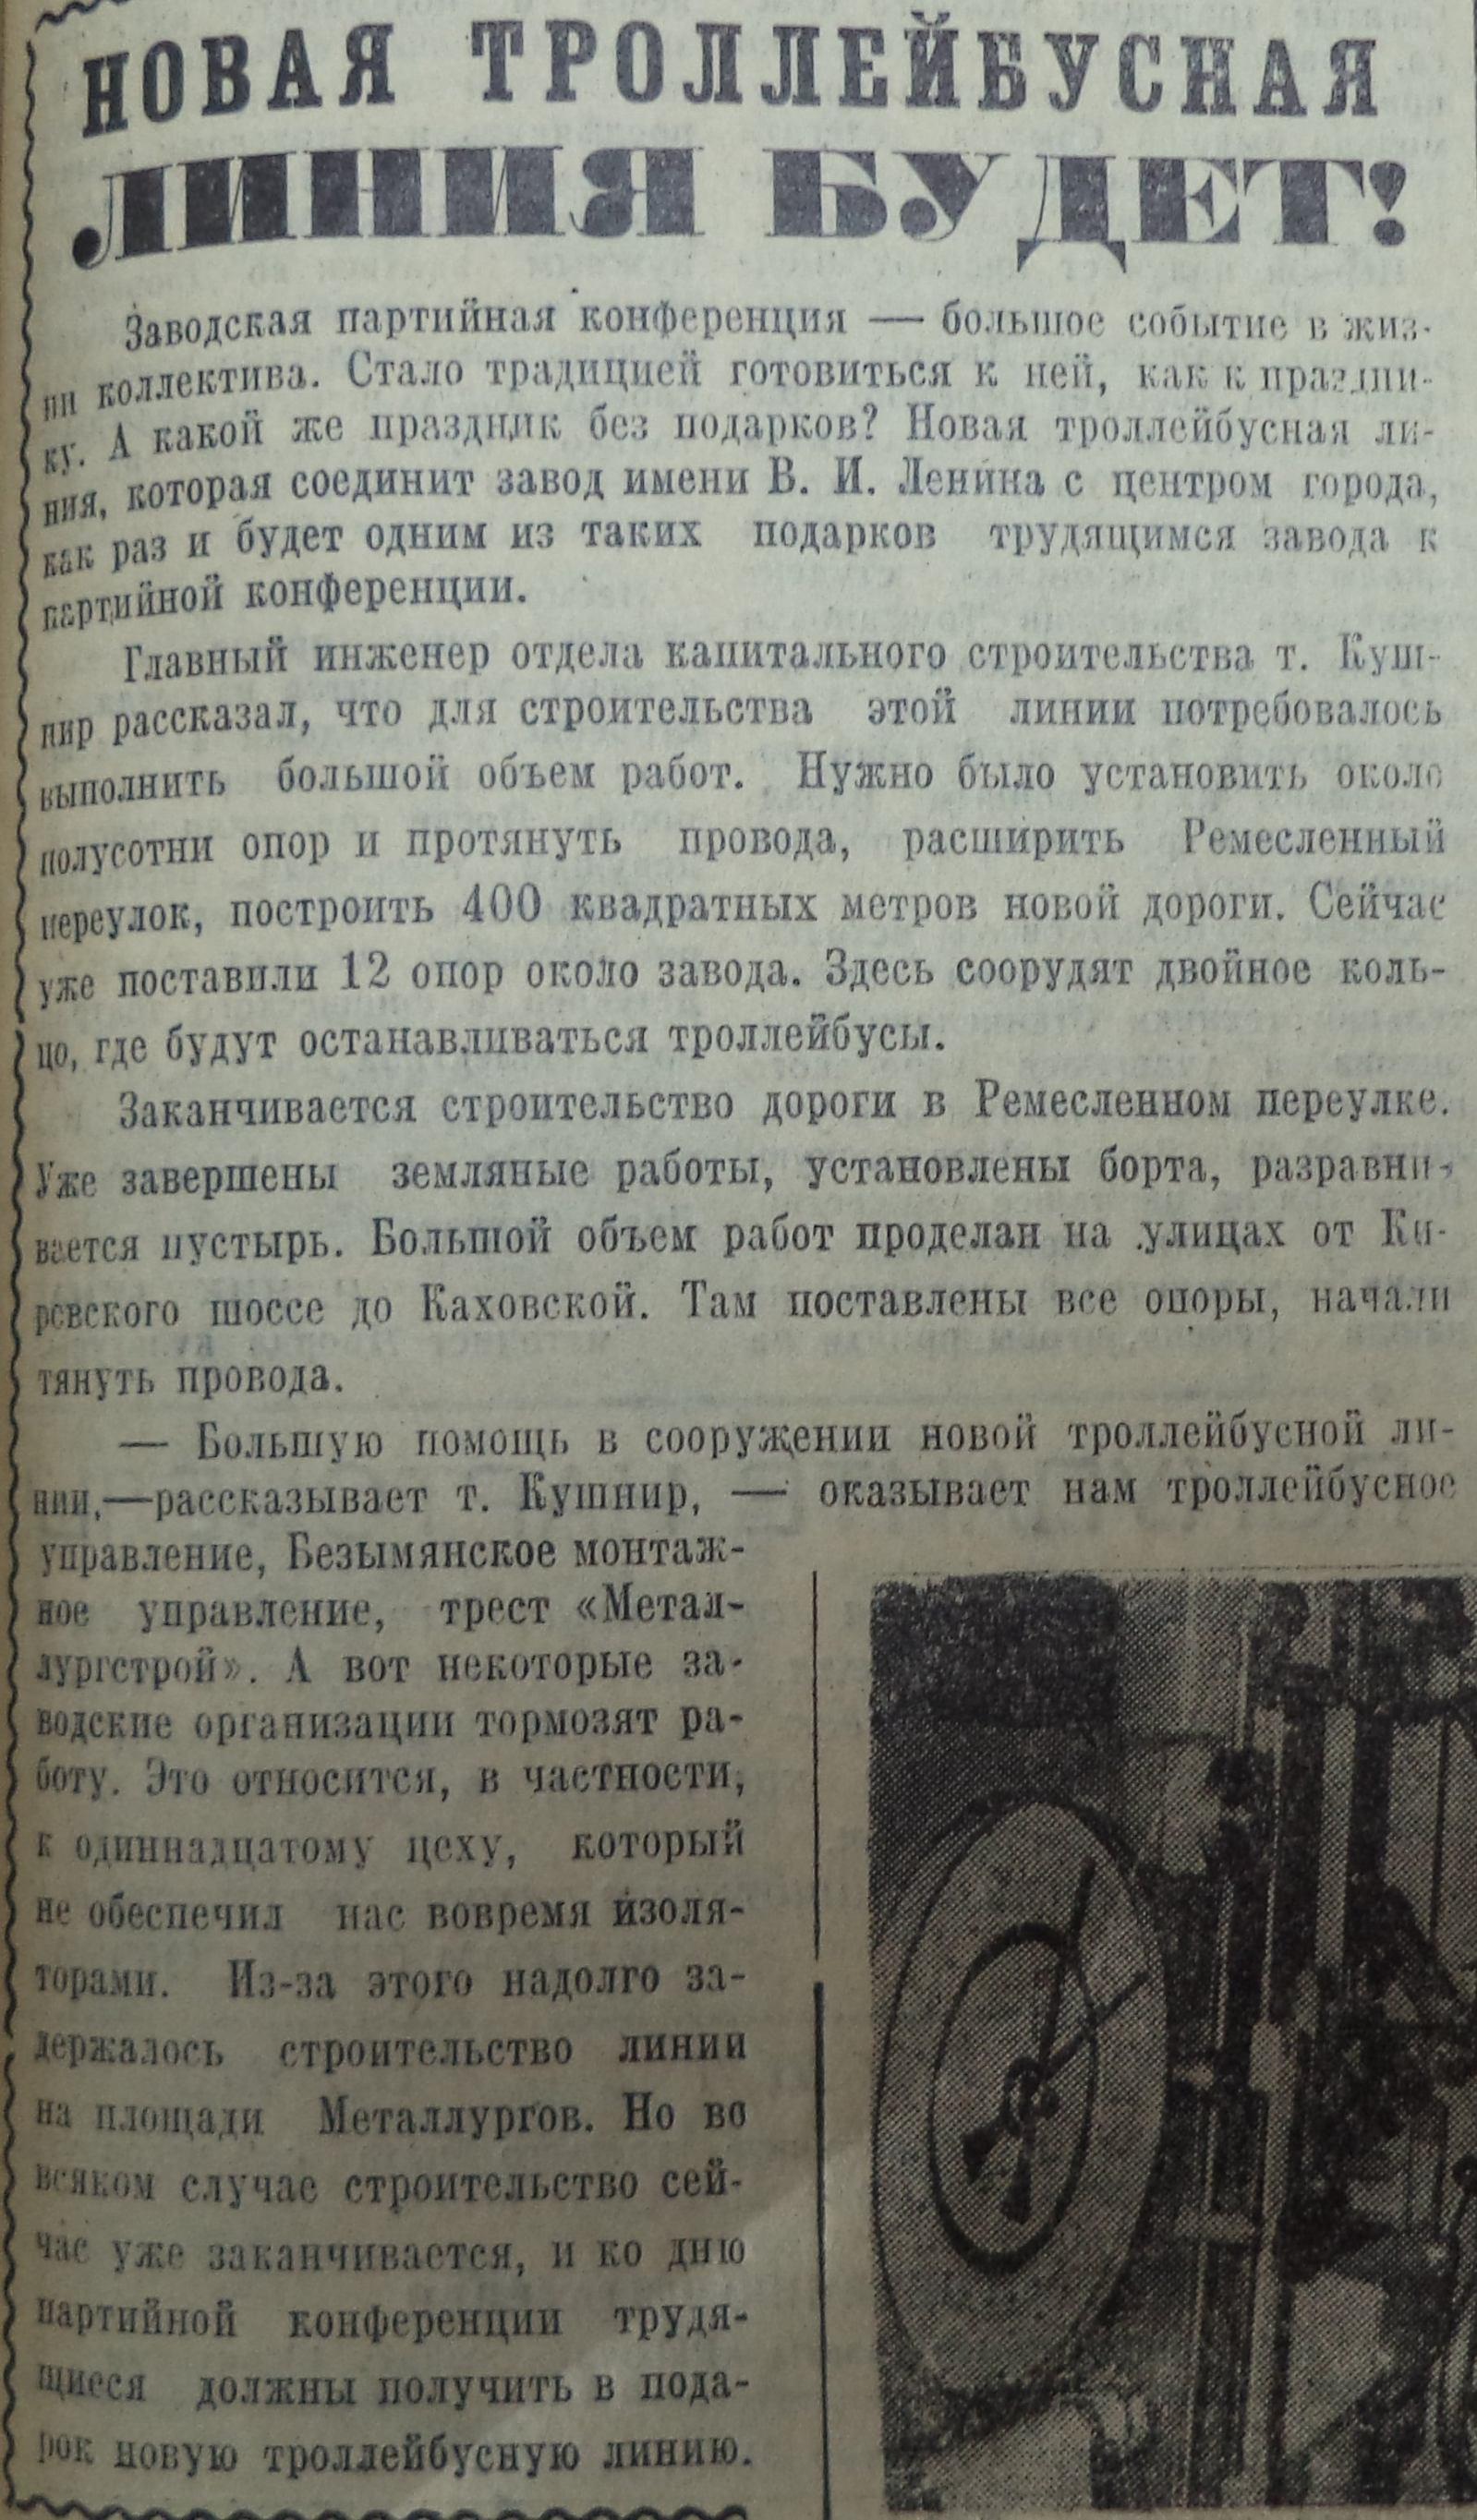 Ремесленный-ФОТО-06-Рабочий-1964-7 октября-Y-min